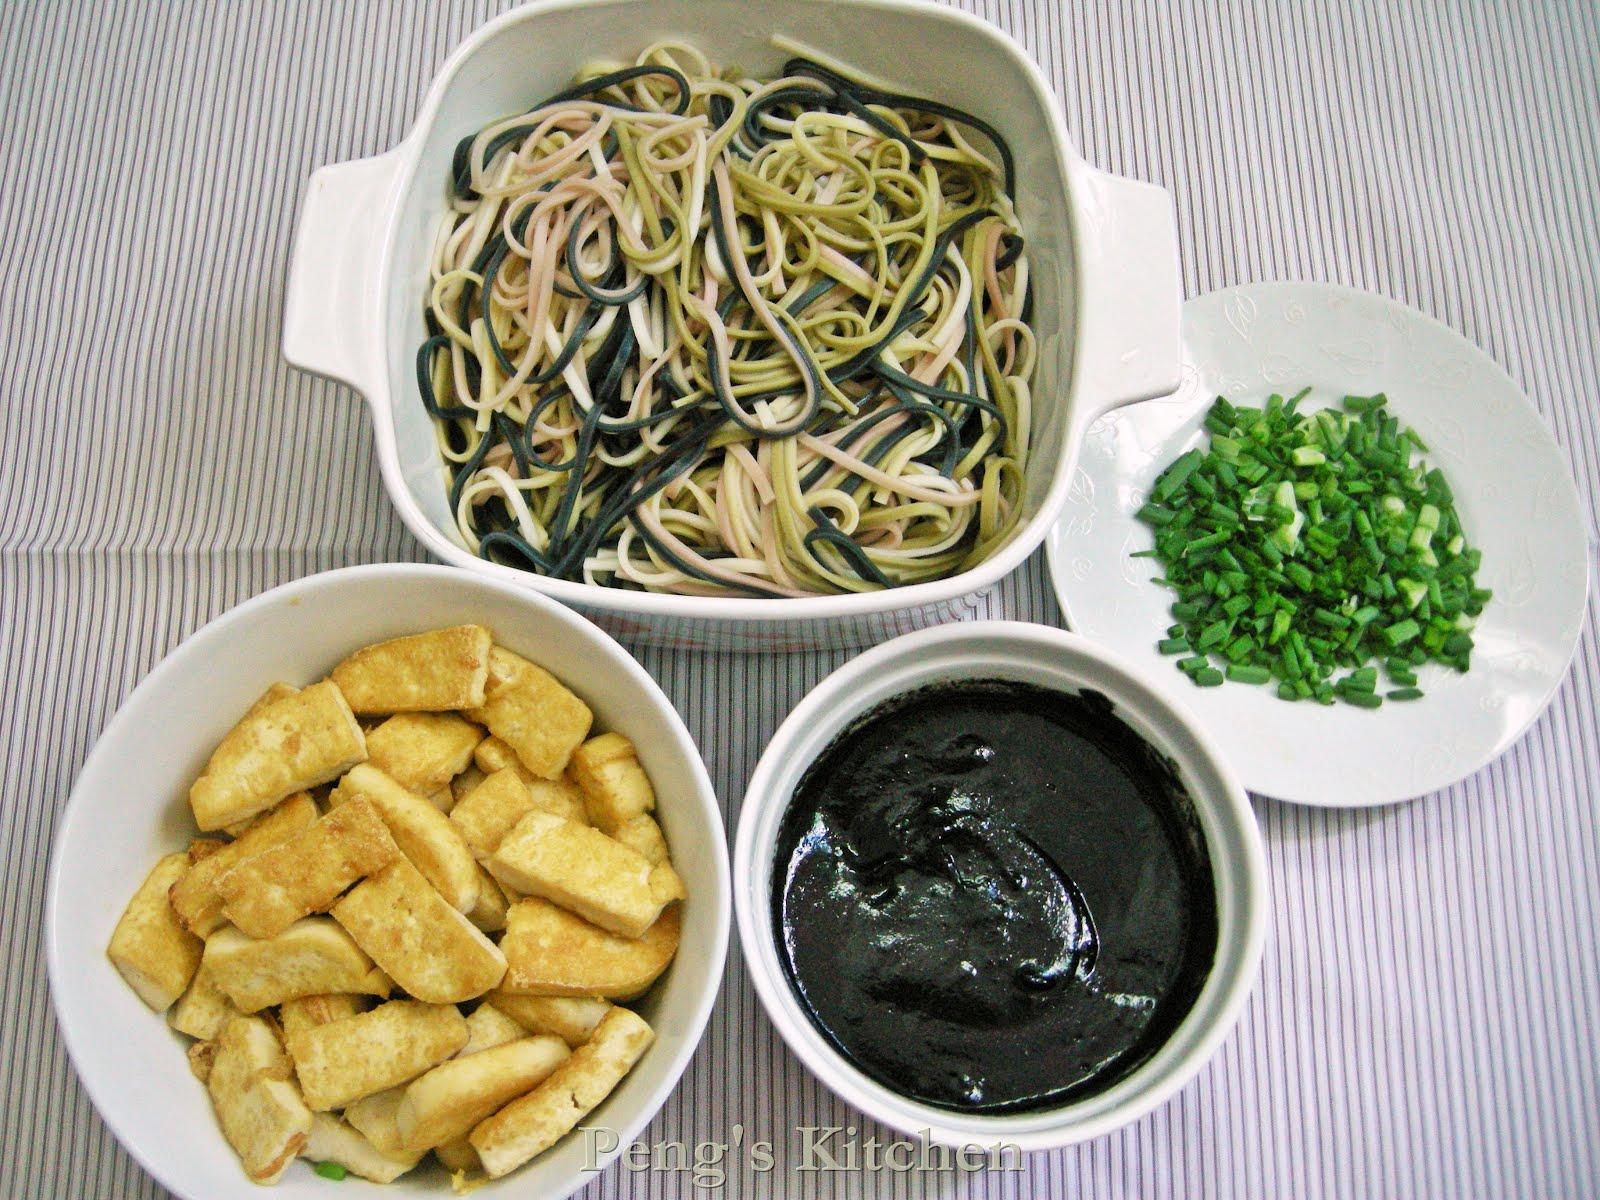 Peng's Kitchen: Black Sesame Otsu